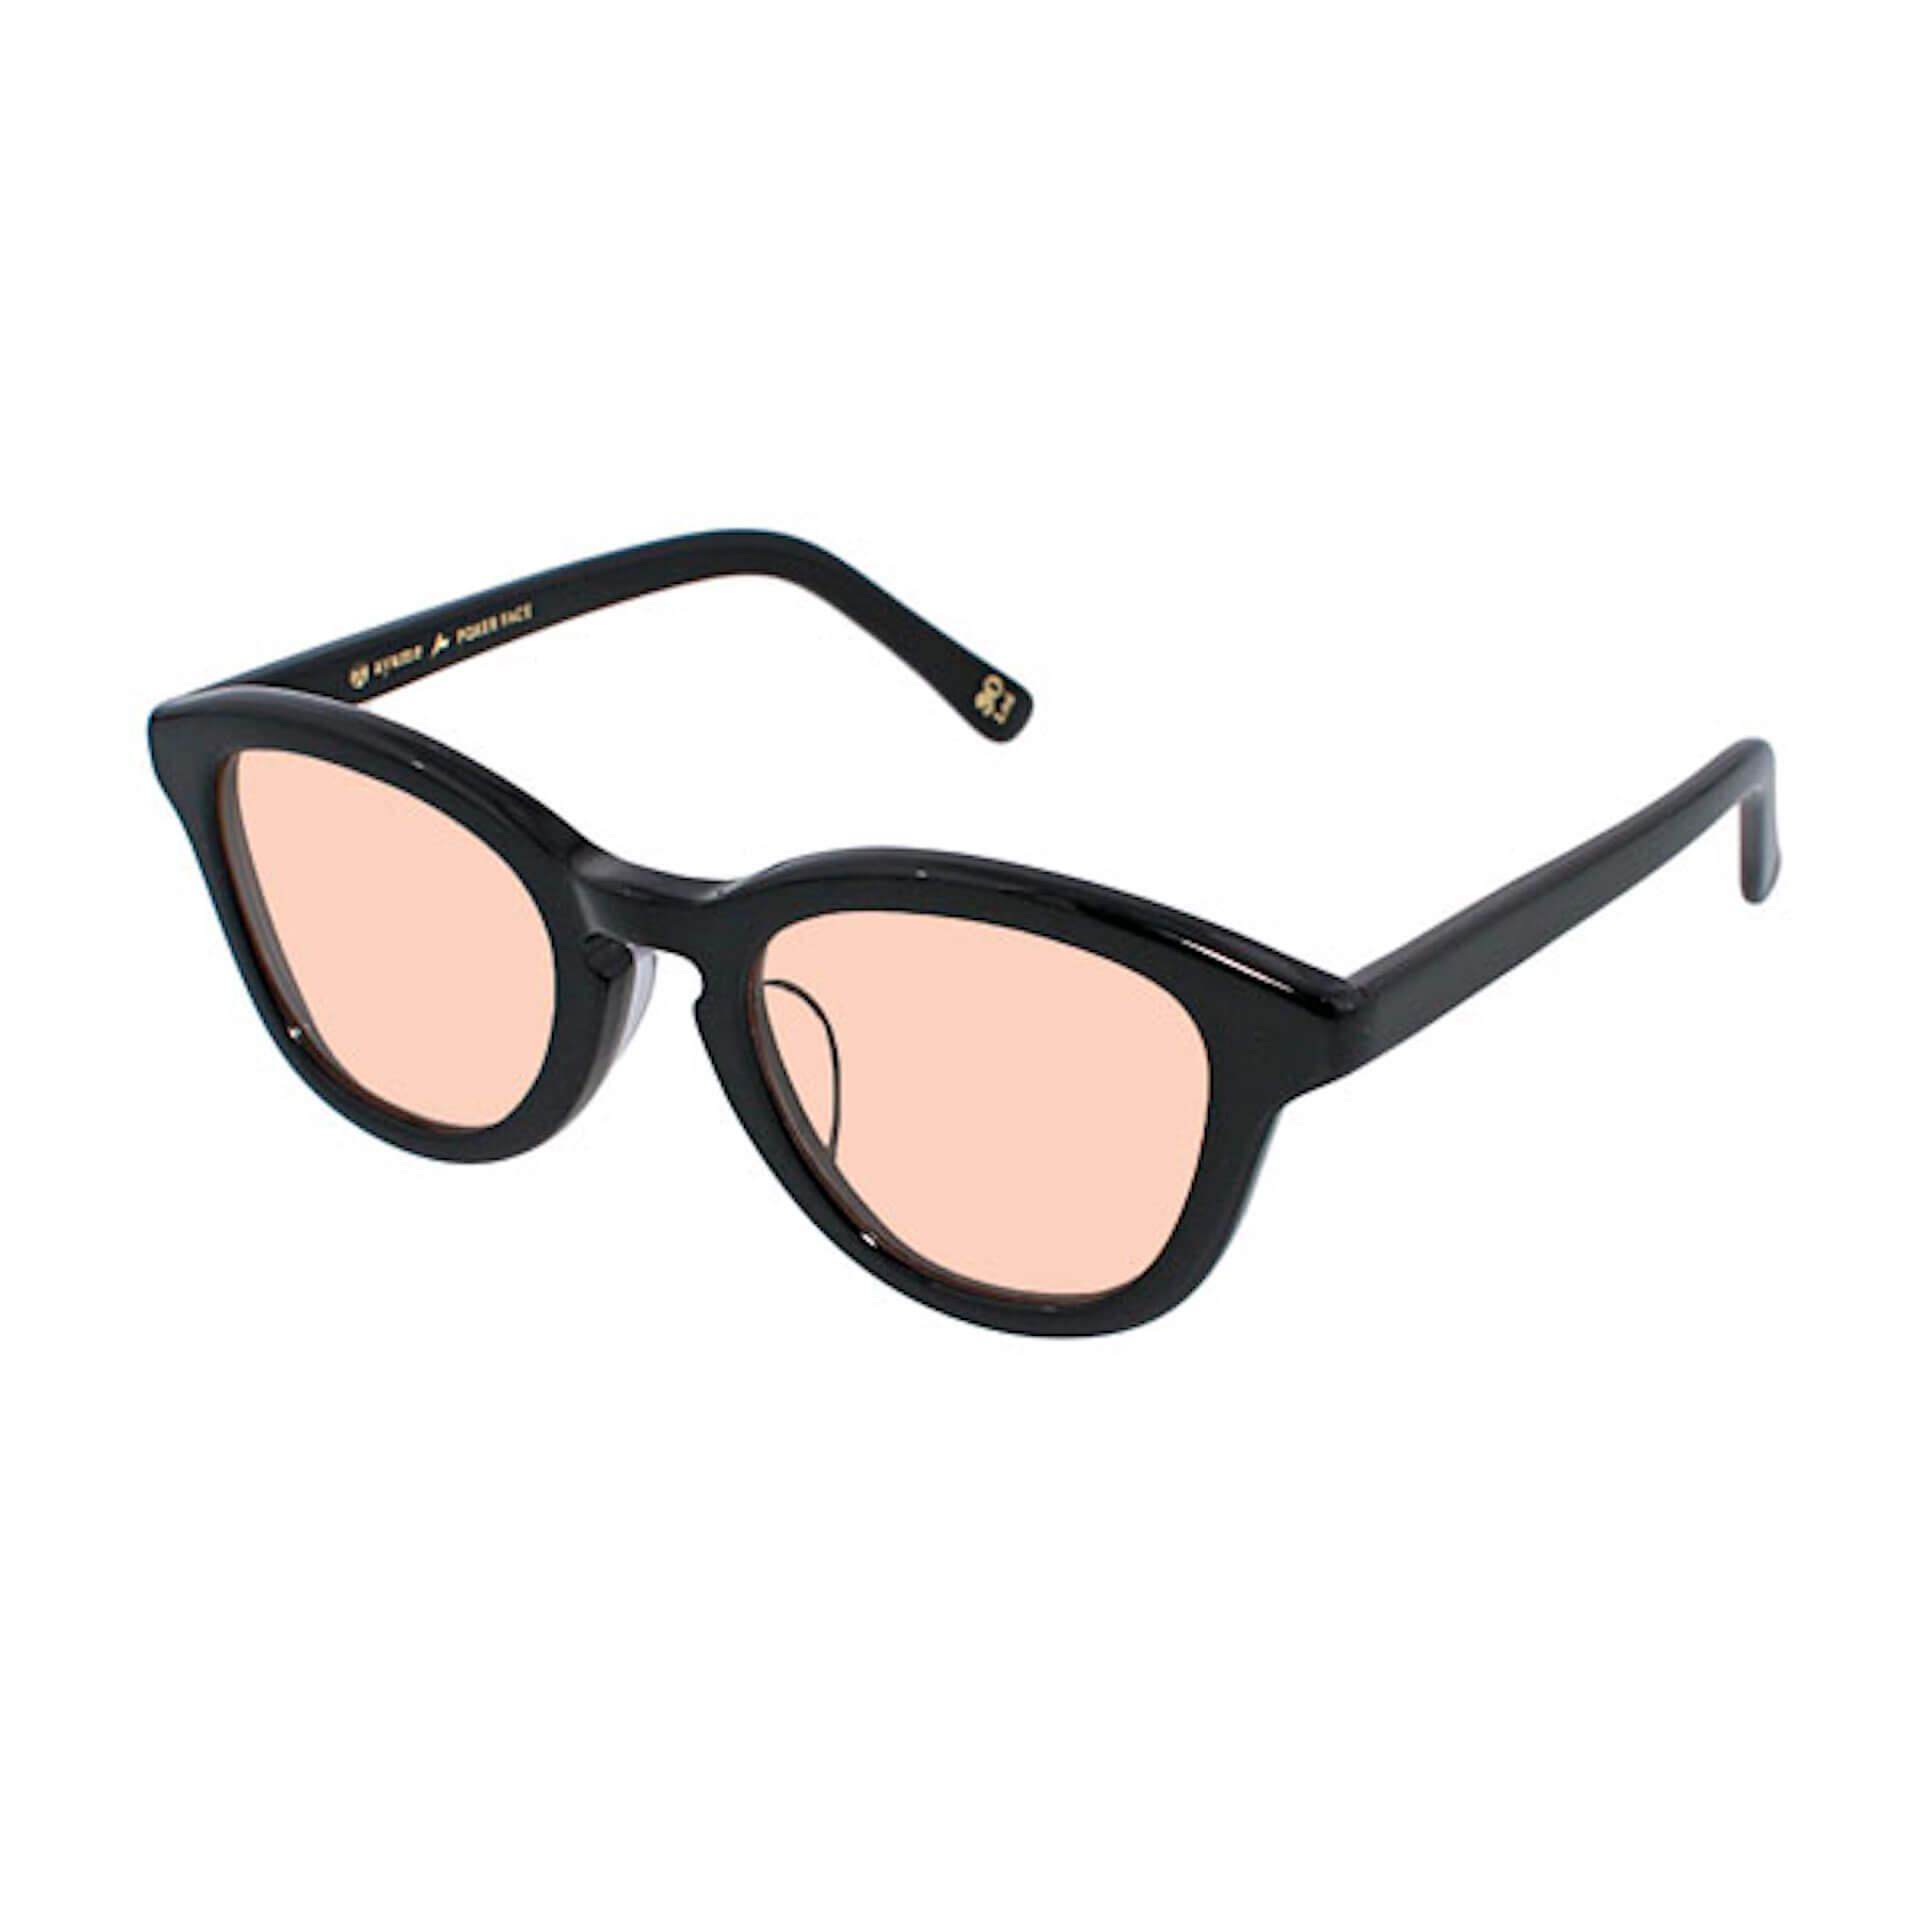 「POKER FACE」がアイウェアブランド「ayame」に別注をかけたセルロイド製の「曇らないサングラス」を発売決定! Fashion_210719_koro1